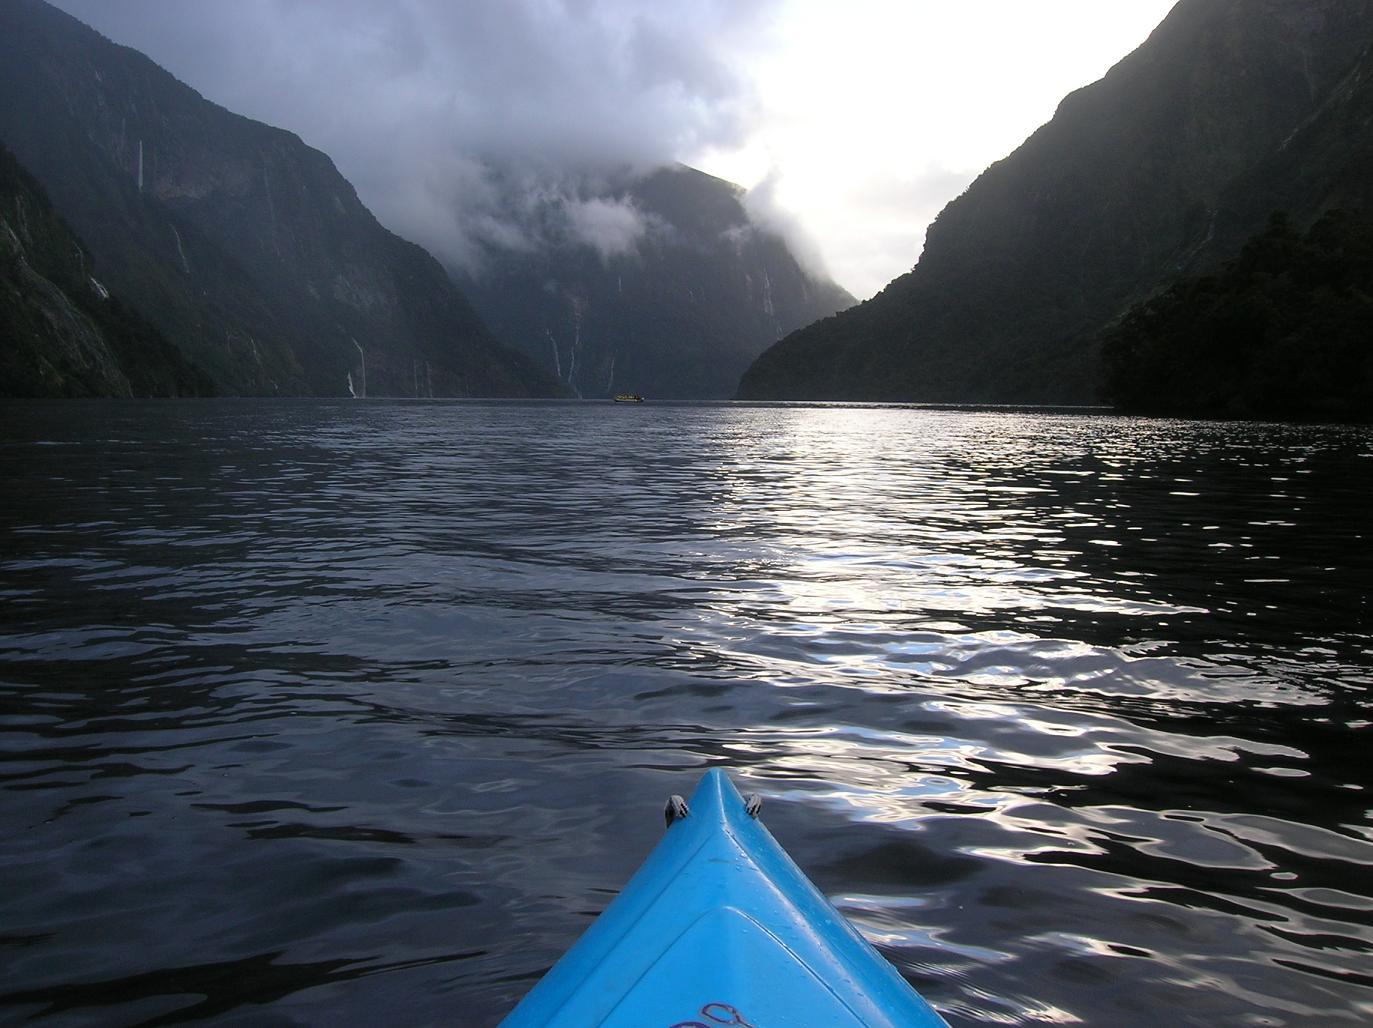 So sieht man den Fjord aus der Babsperspektive